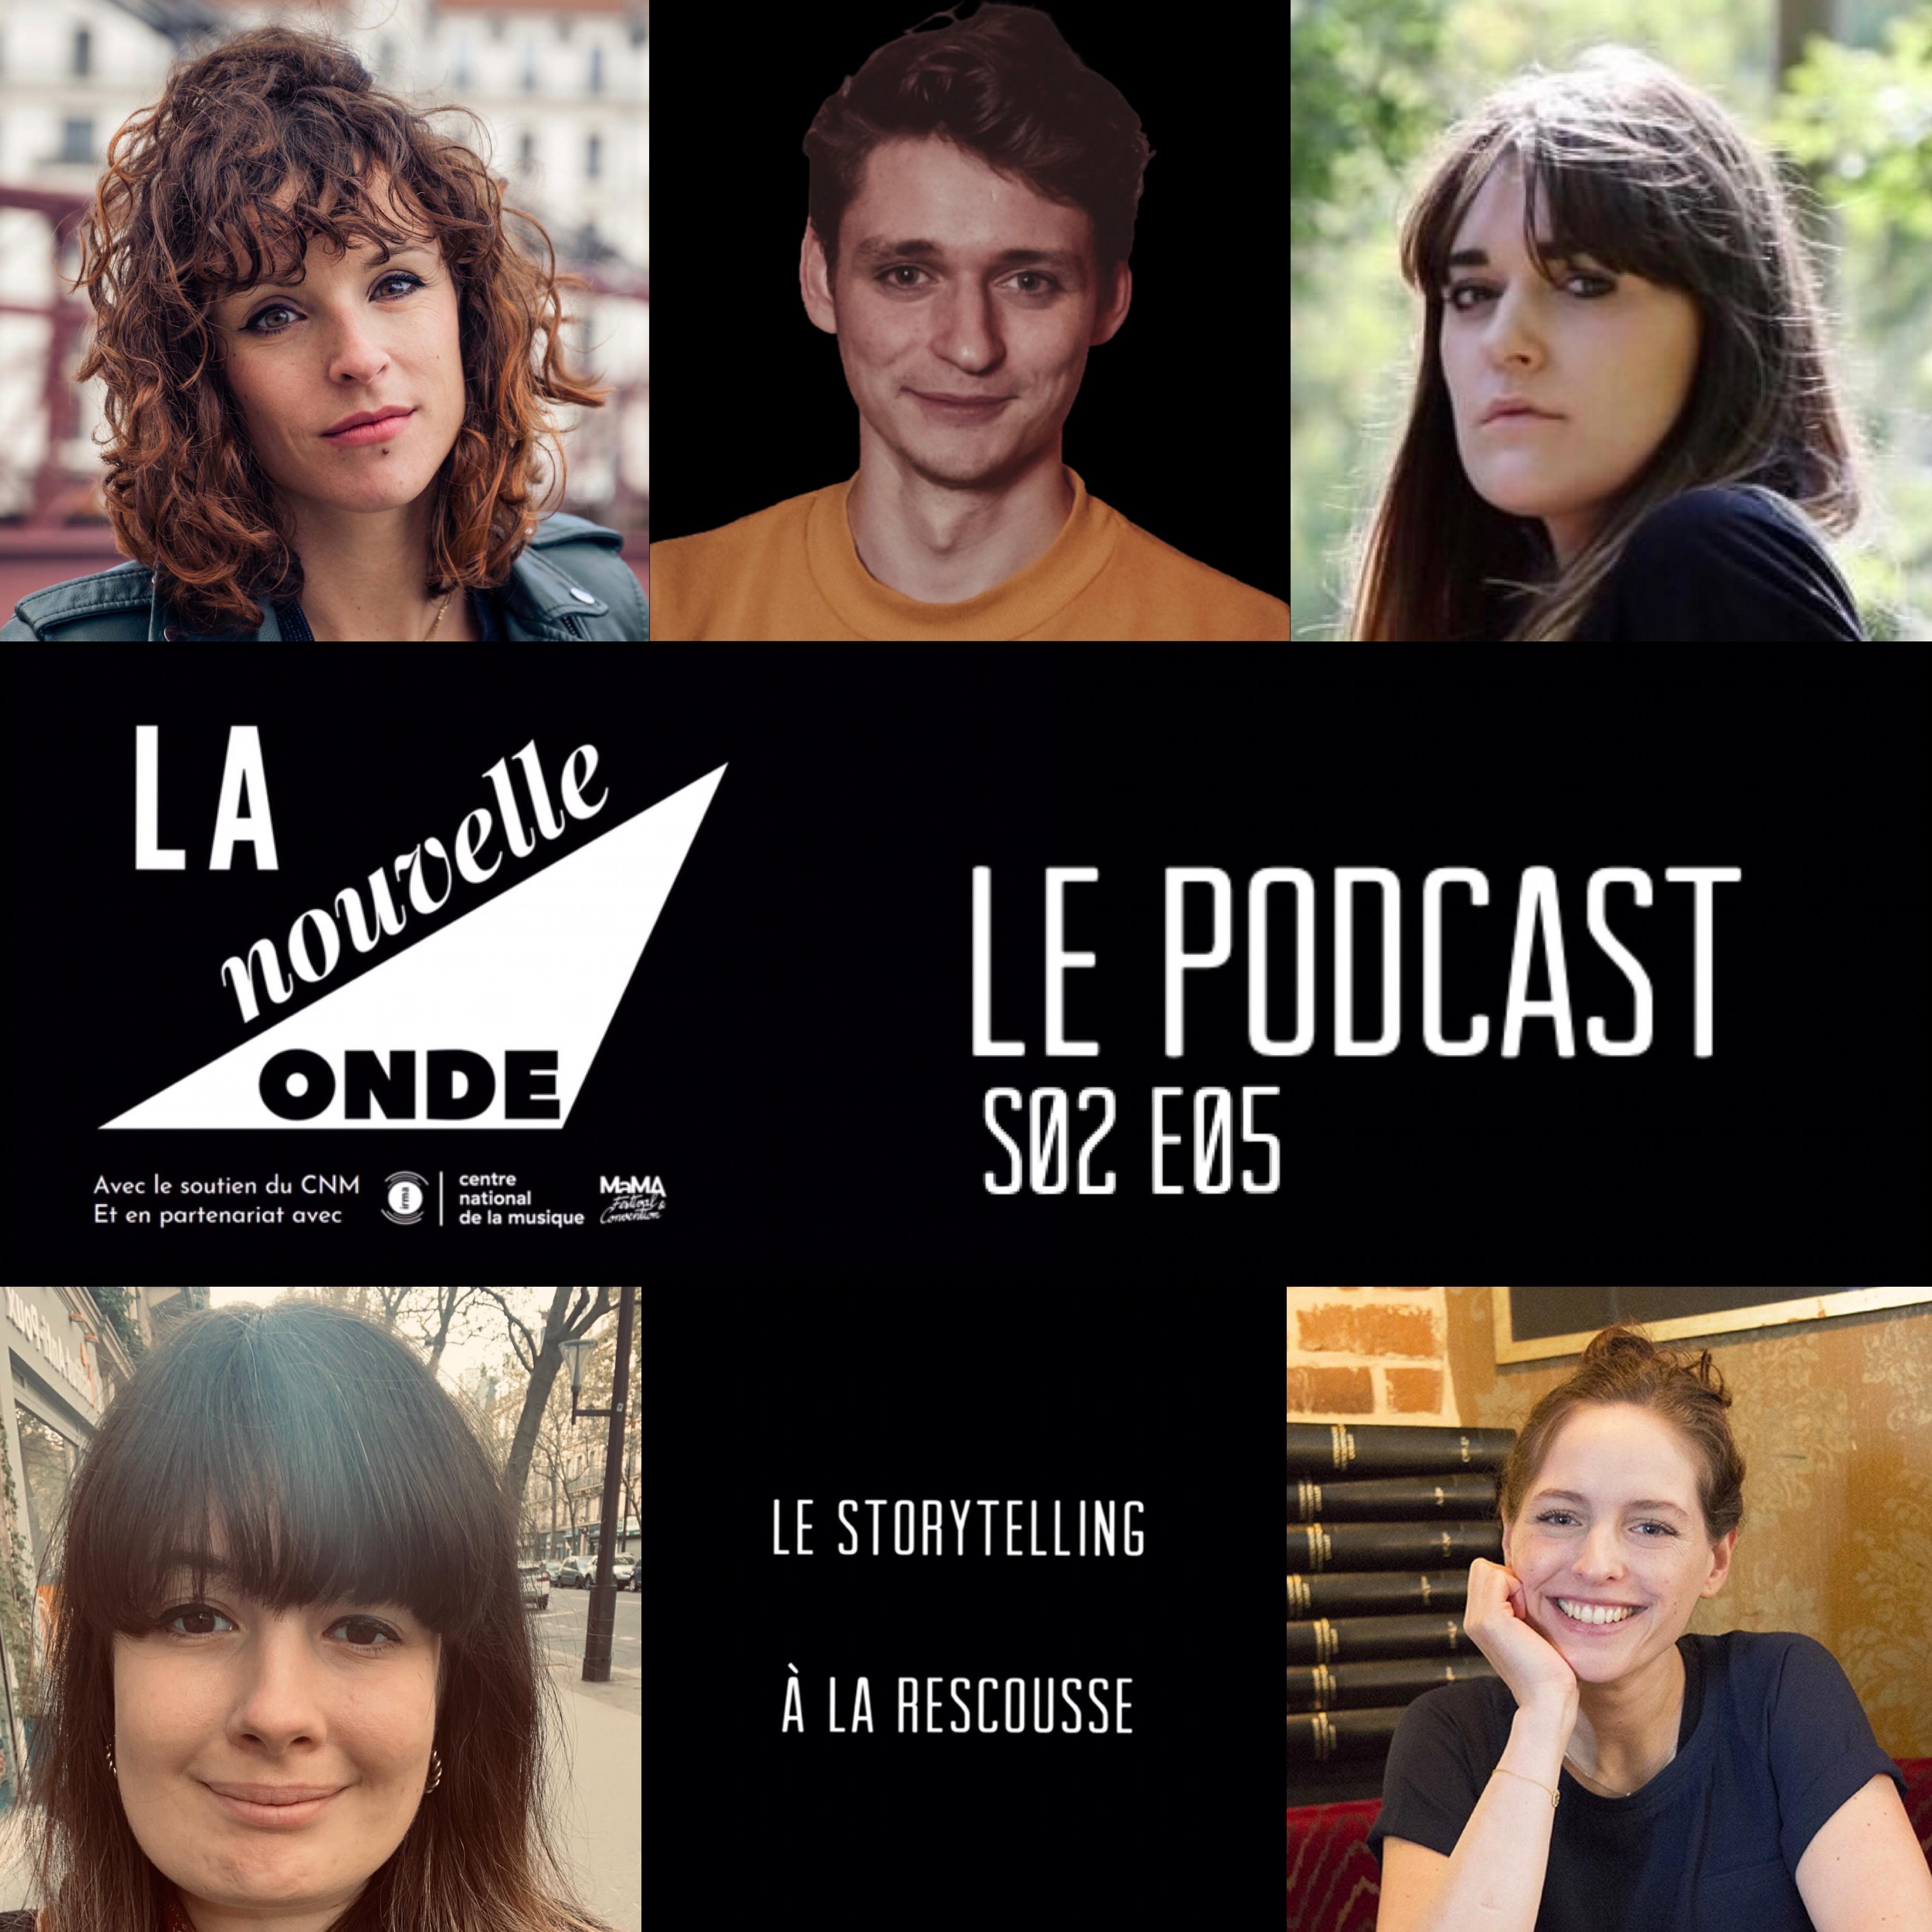 Podcast LNO S02 E05 - Le storytelling à la rescousse Image